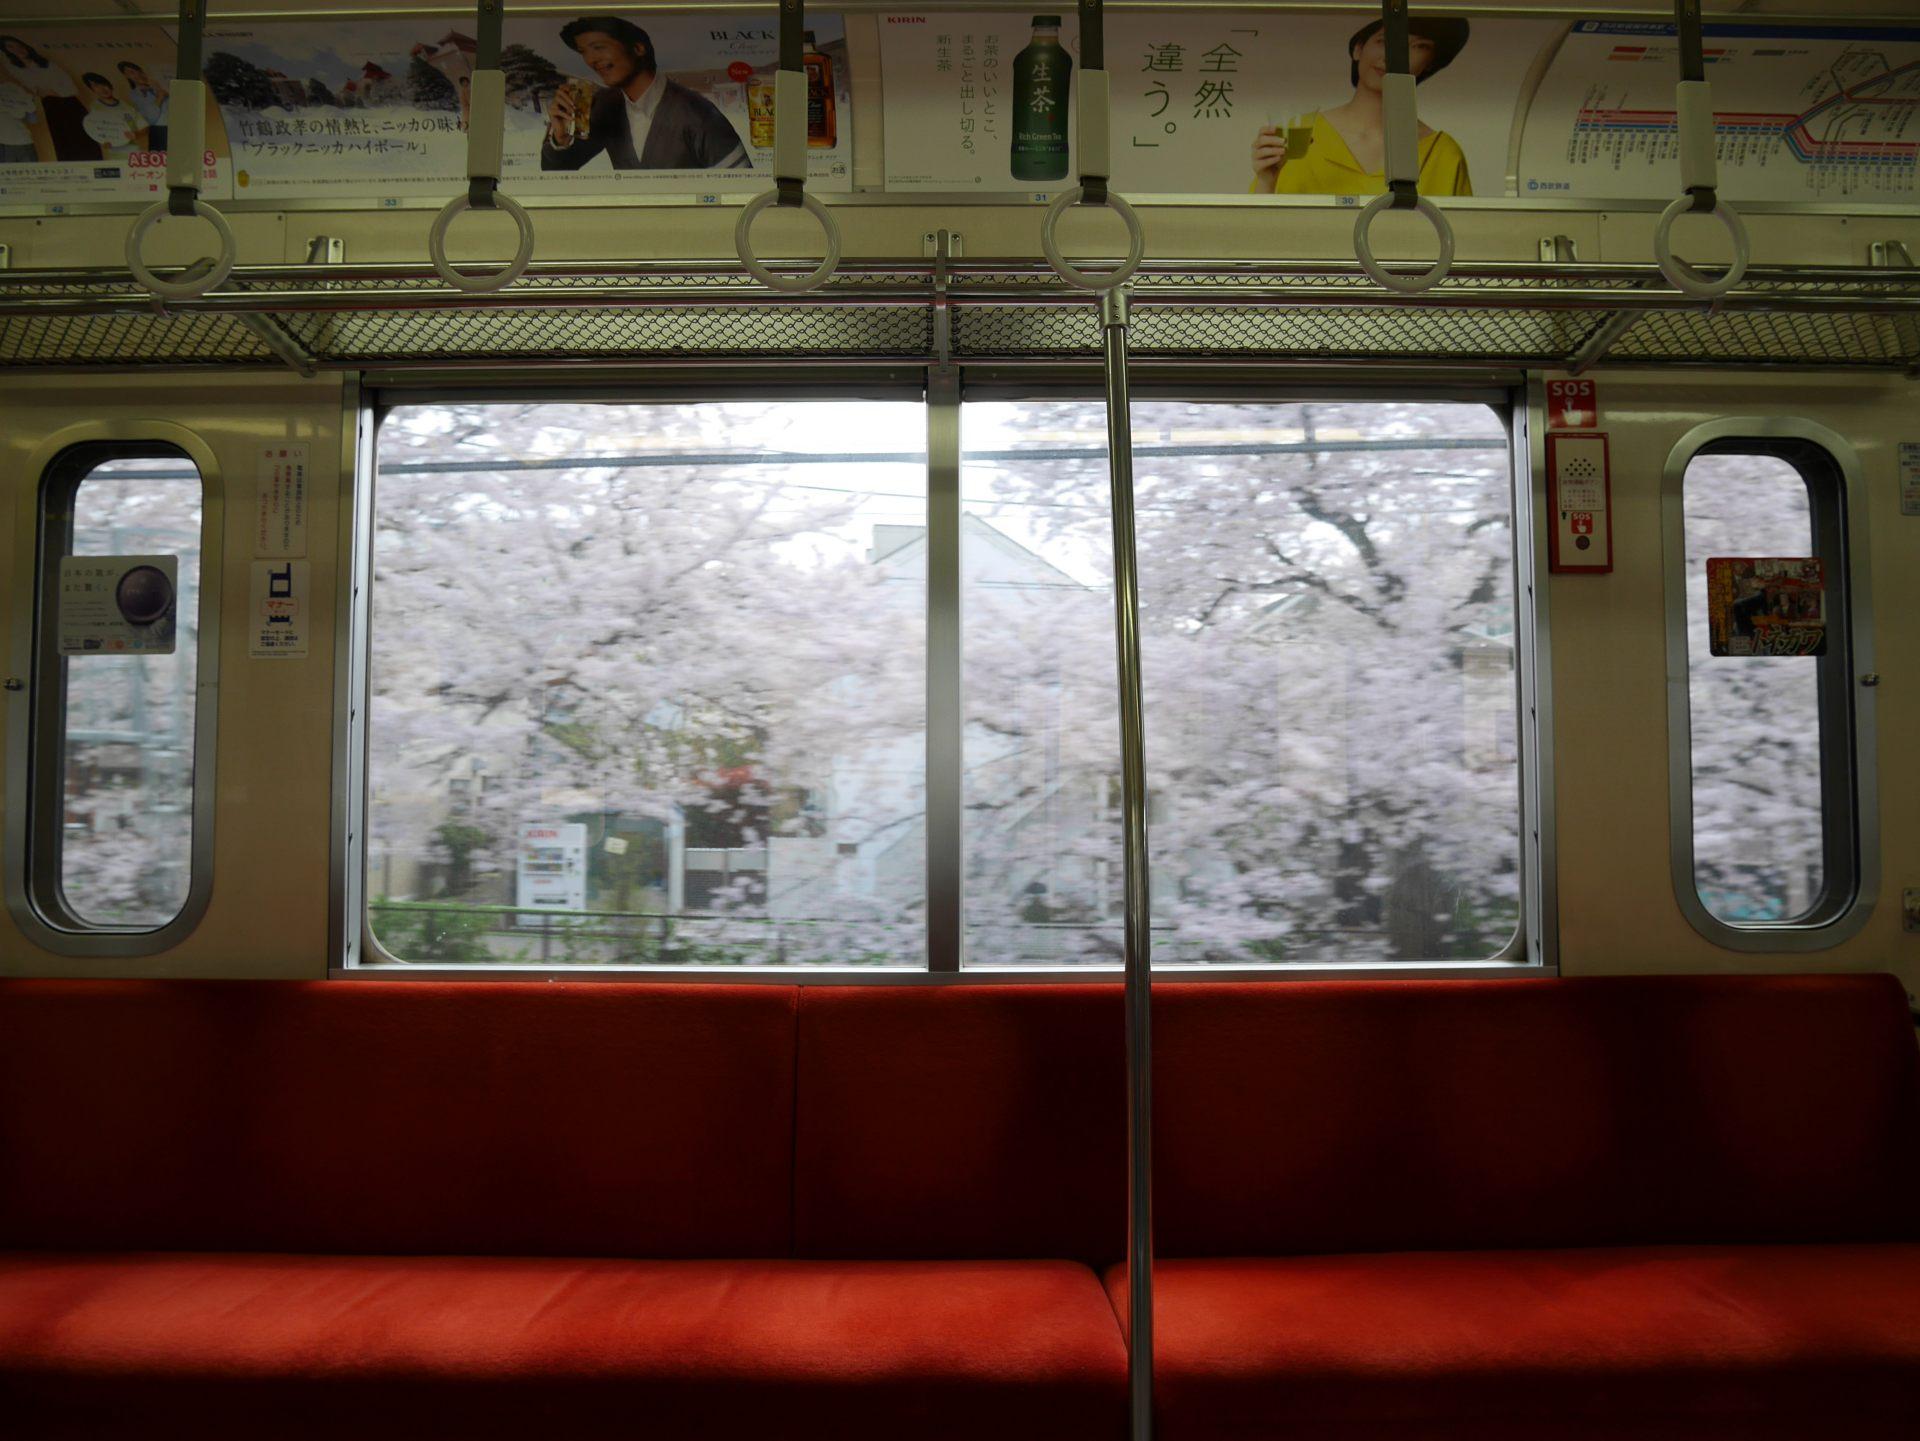 被櫻花蓋滿的武藏關・東伏見車站之間的列車車窗